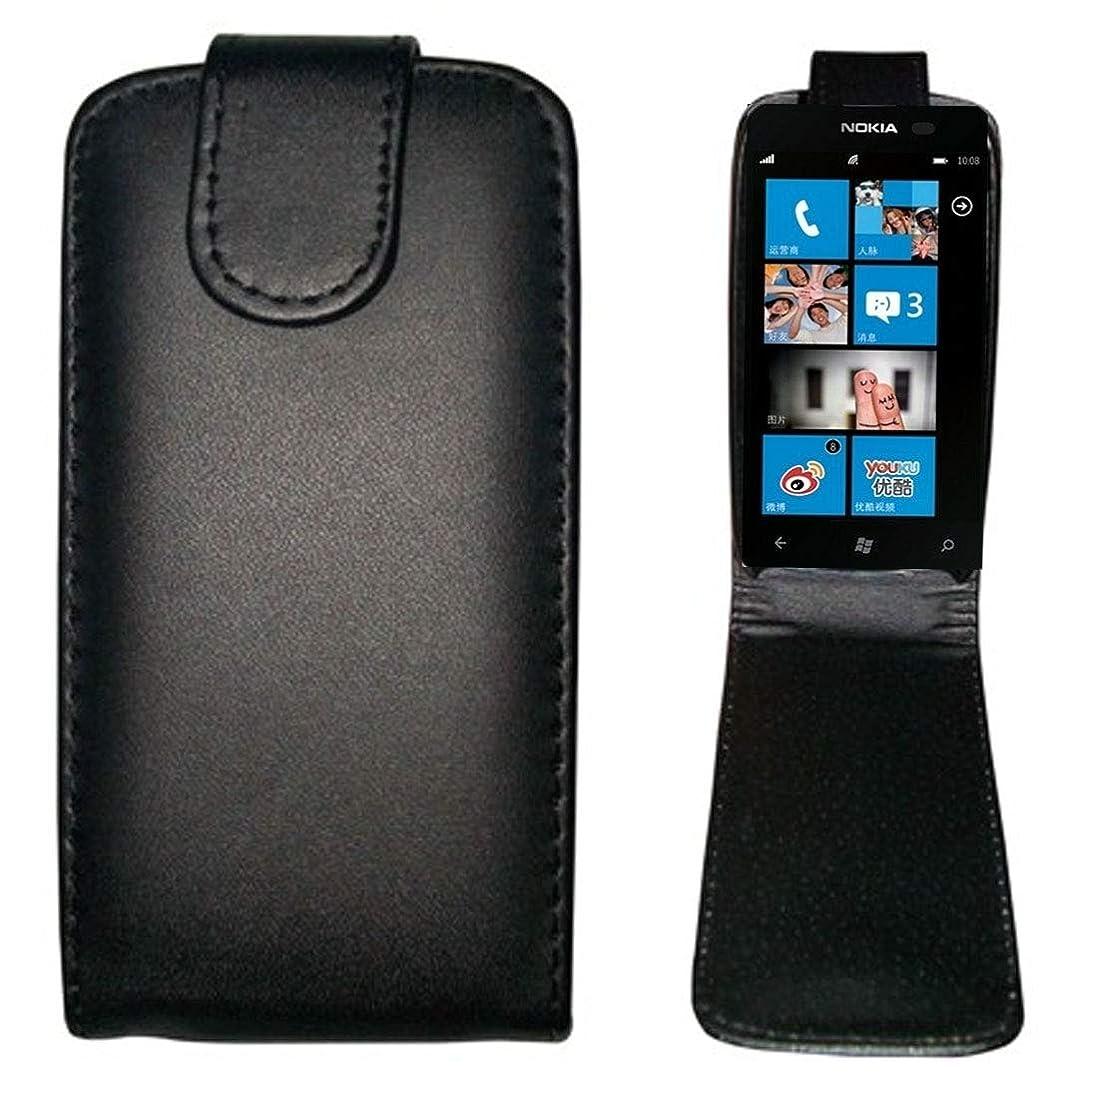 ブル敗北ミスKMLP NokiaLumia 610(ブラック)のための垂直フリップ磁気スナップレザーケース KMLPカバー (Color : Black)